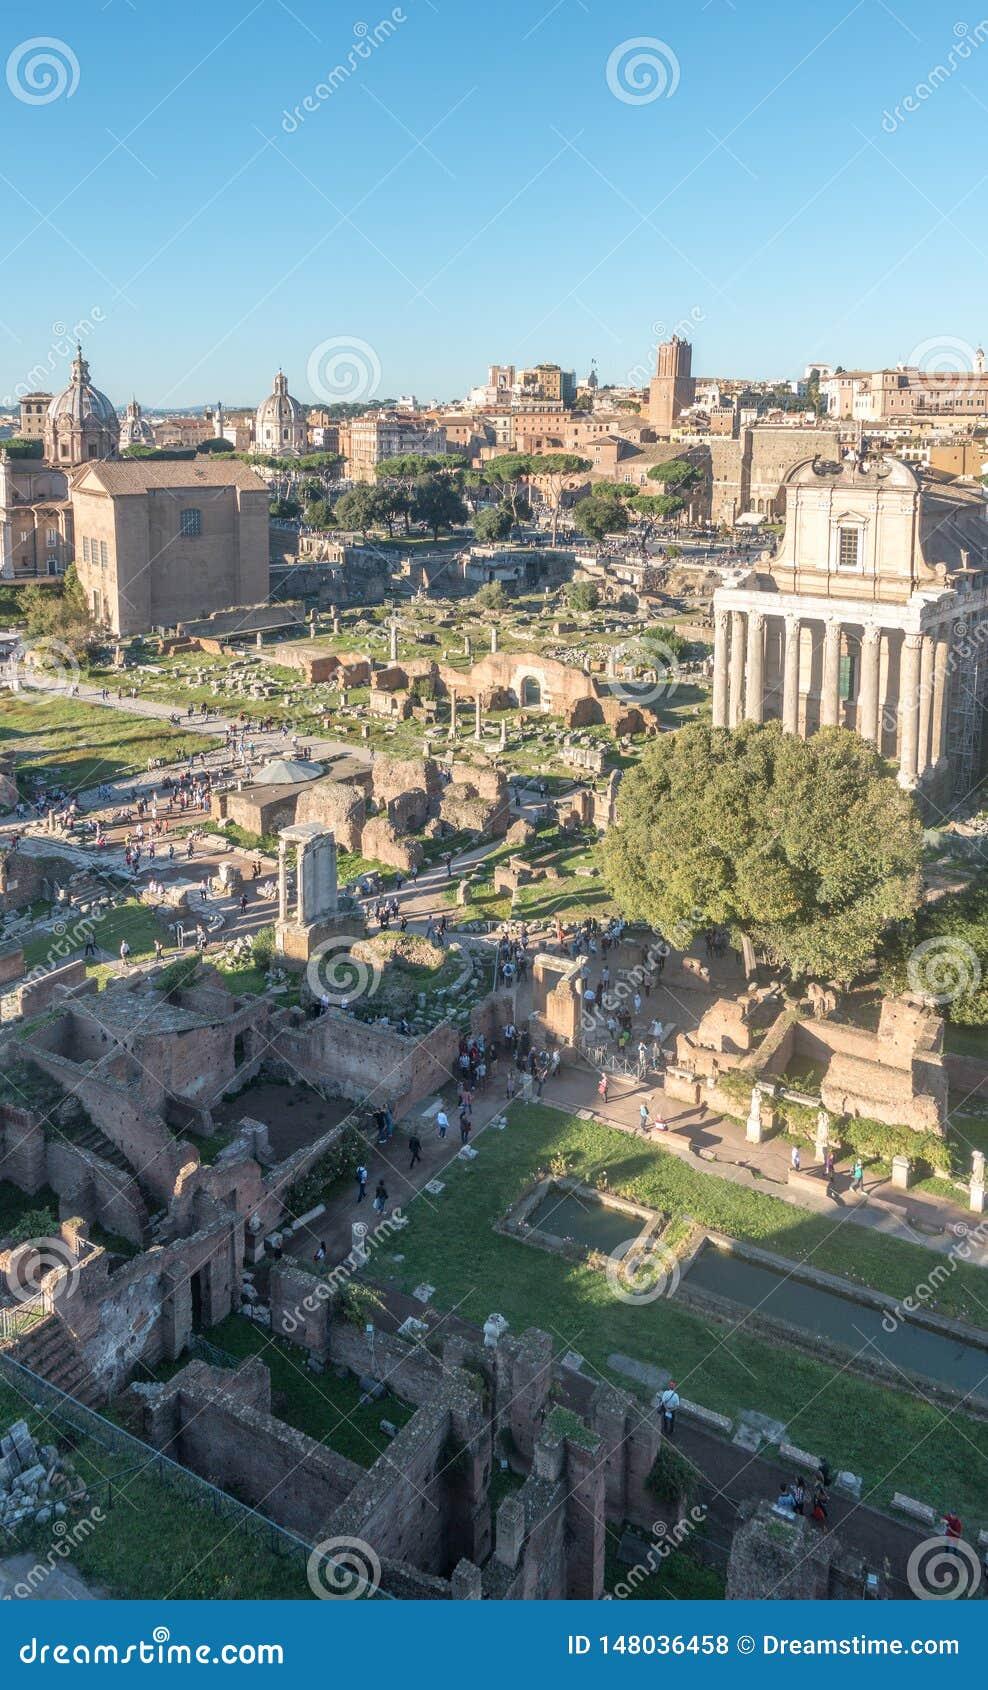 Panorama Roma?ski forum